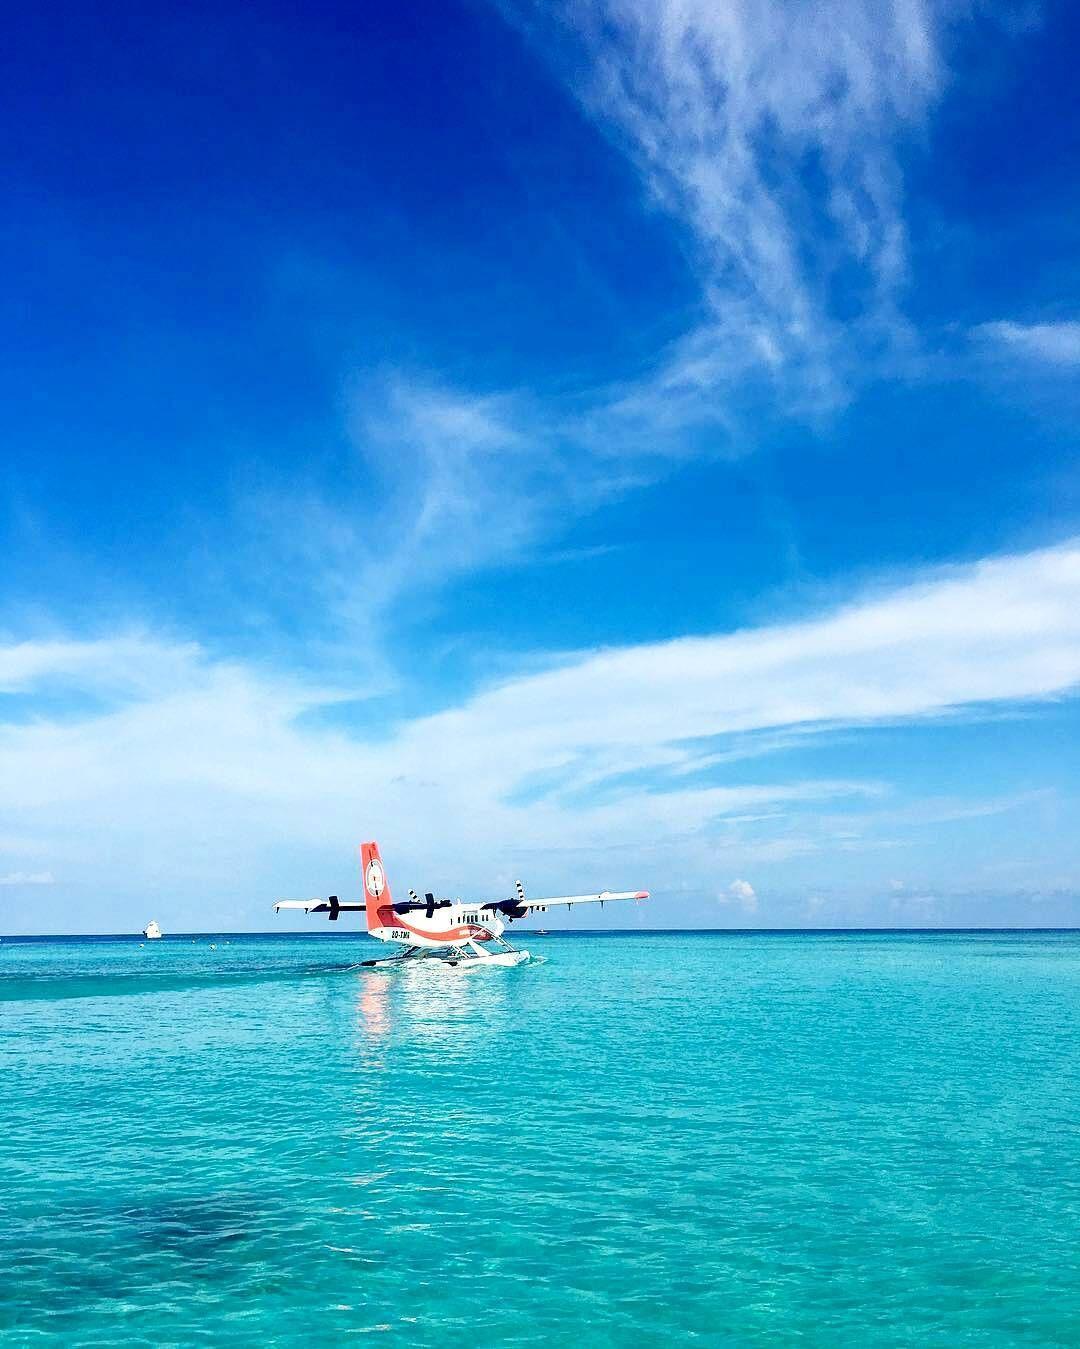 The Maldives Island #Maldives Photo @schunna #jamanafaru